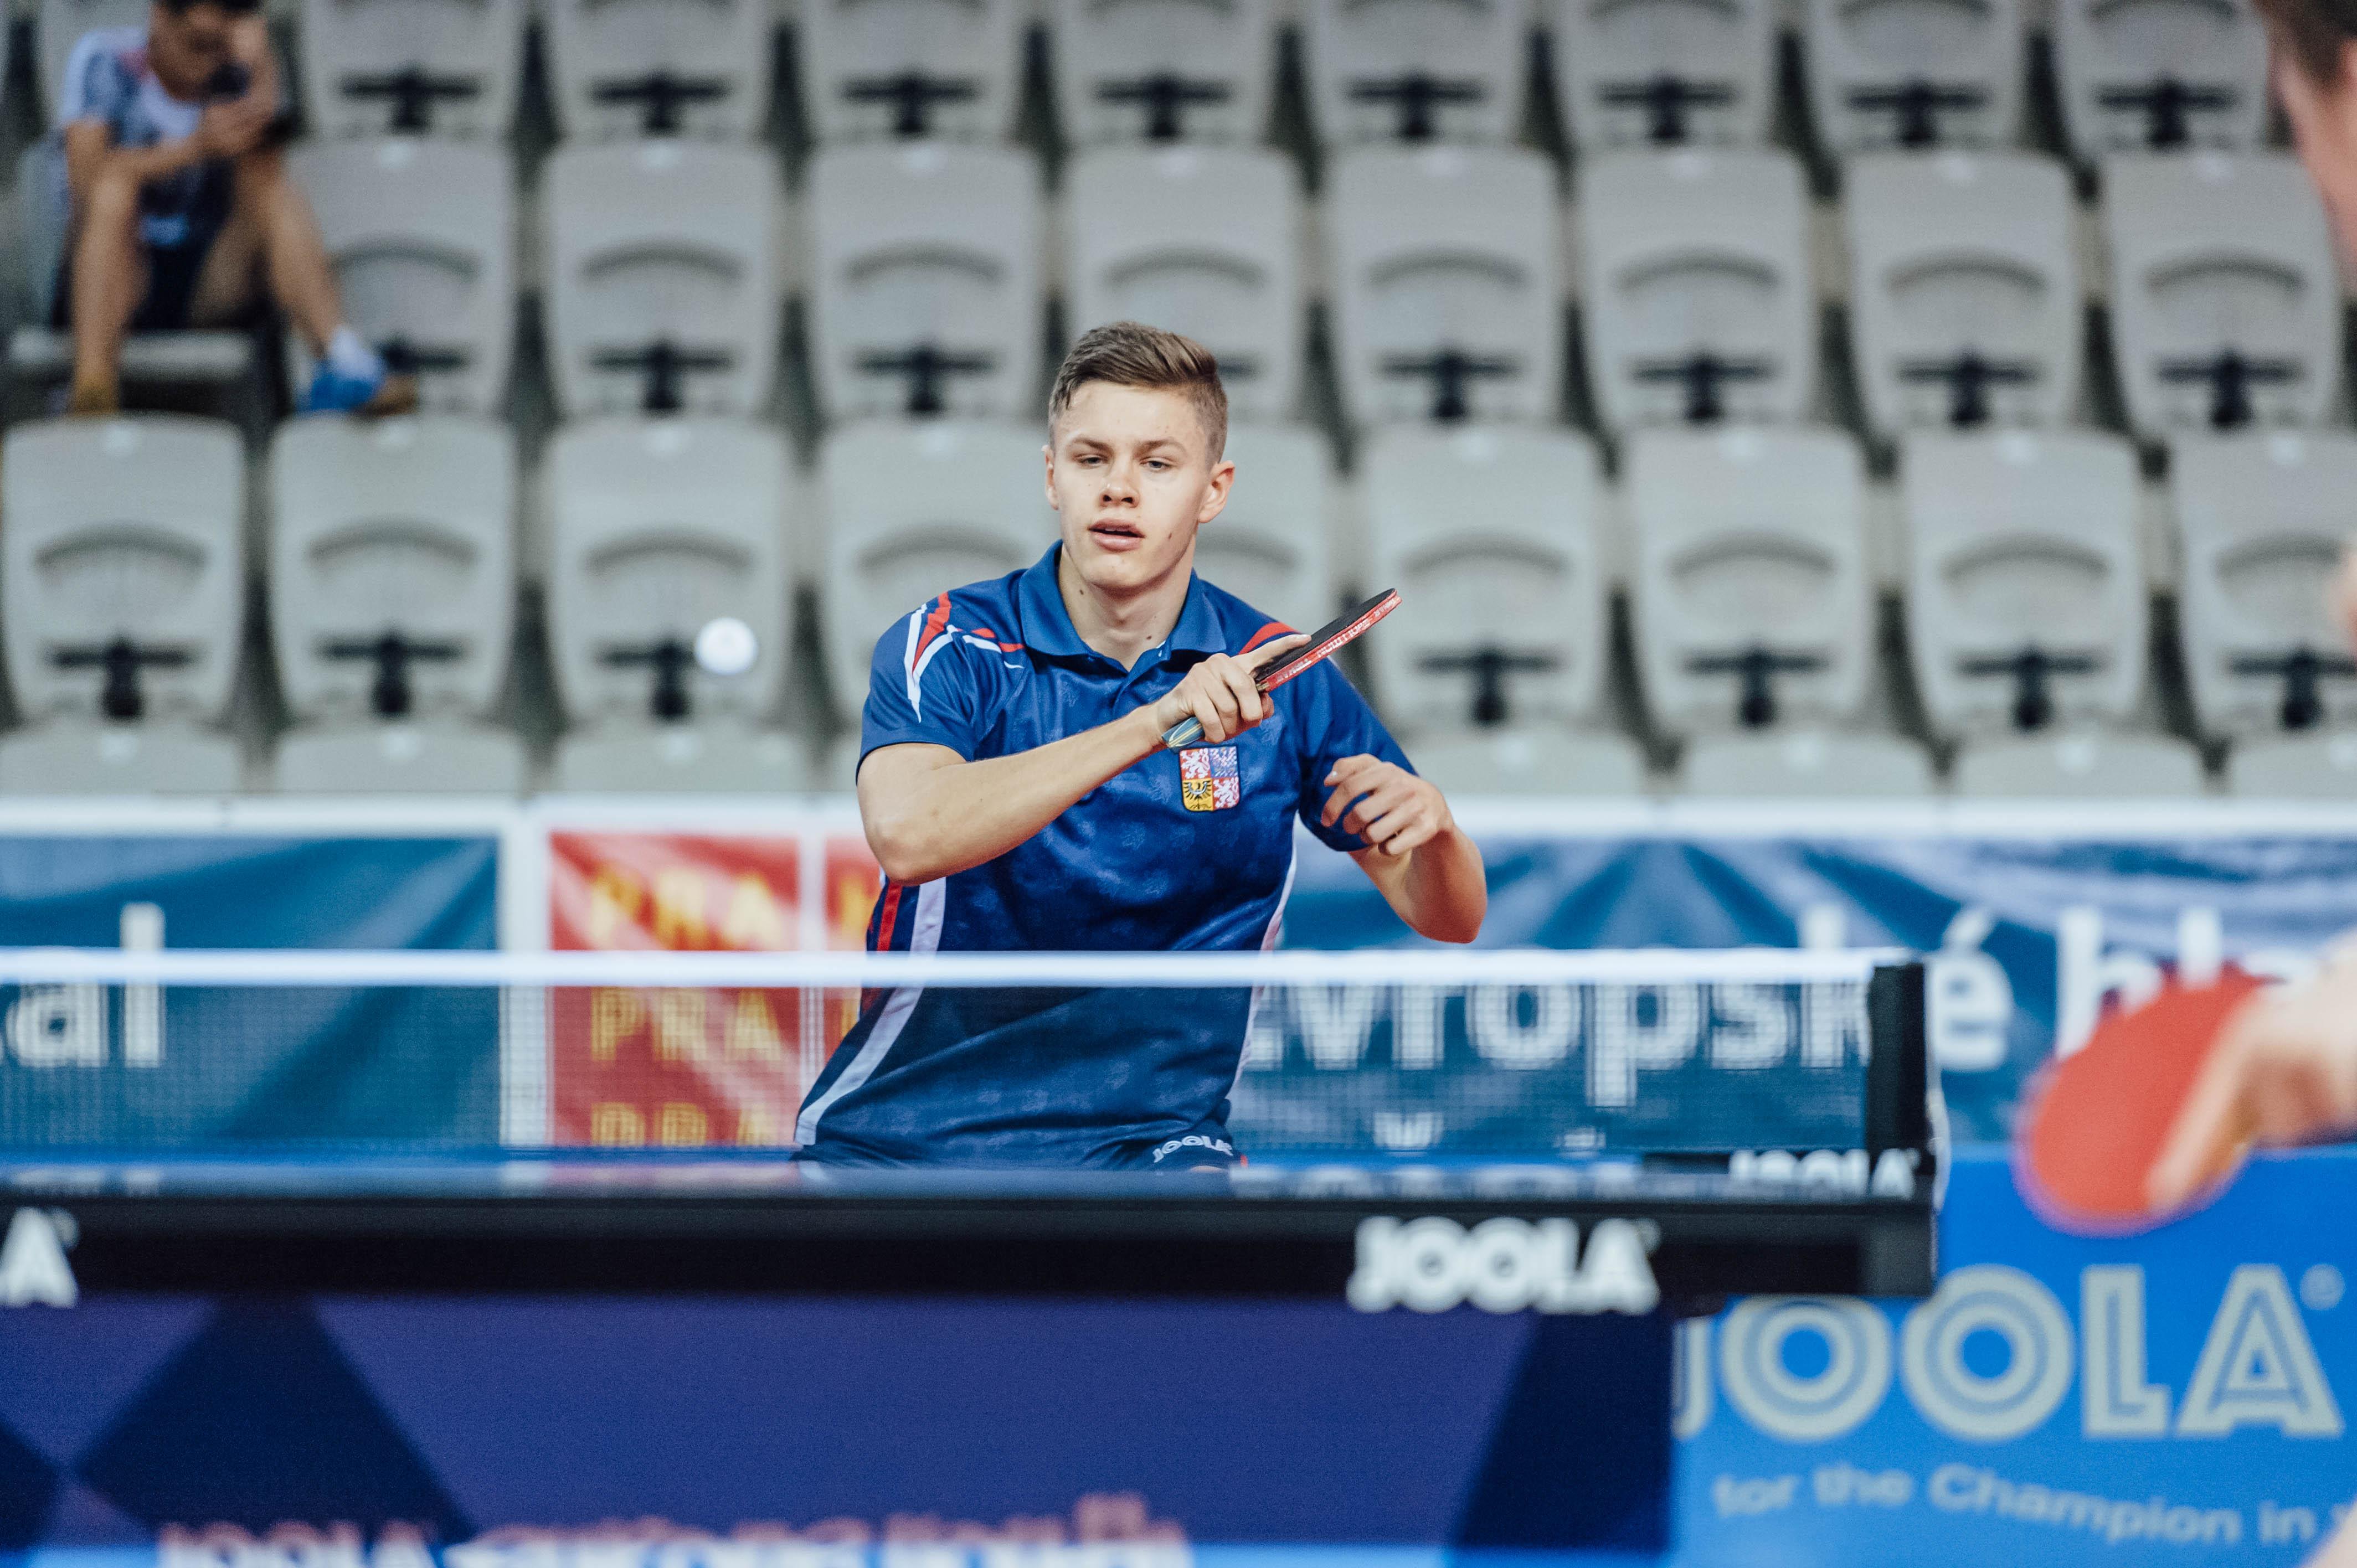 Famózní pražská jízda českého juniora. Foto: www.ping-pong.cz